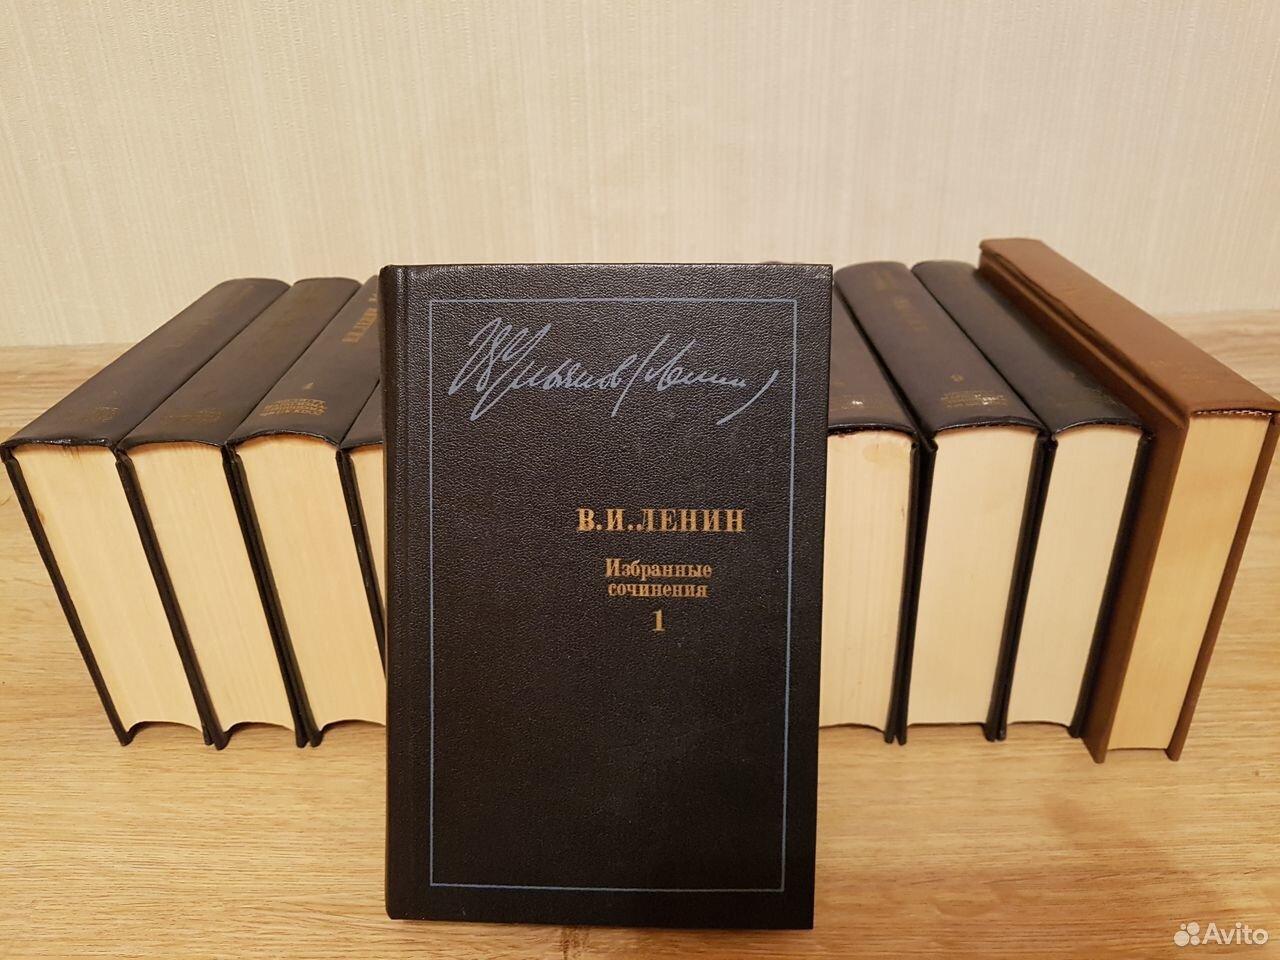 Собрание сочинений В.И.Ленина (10 томов)  89533216060 купить 1